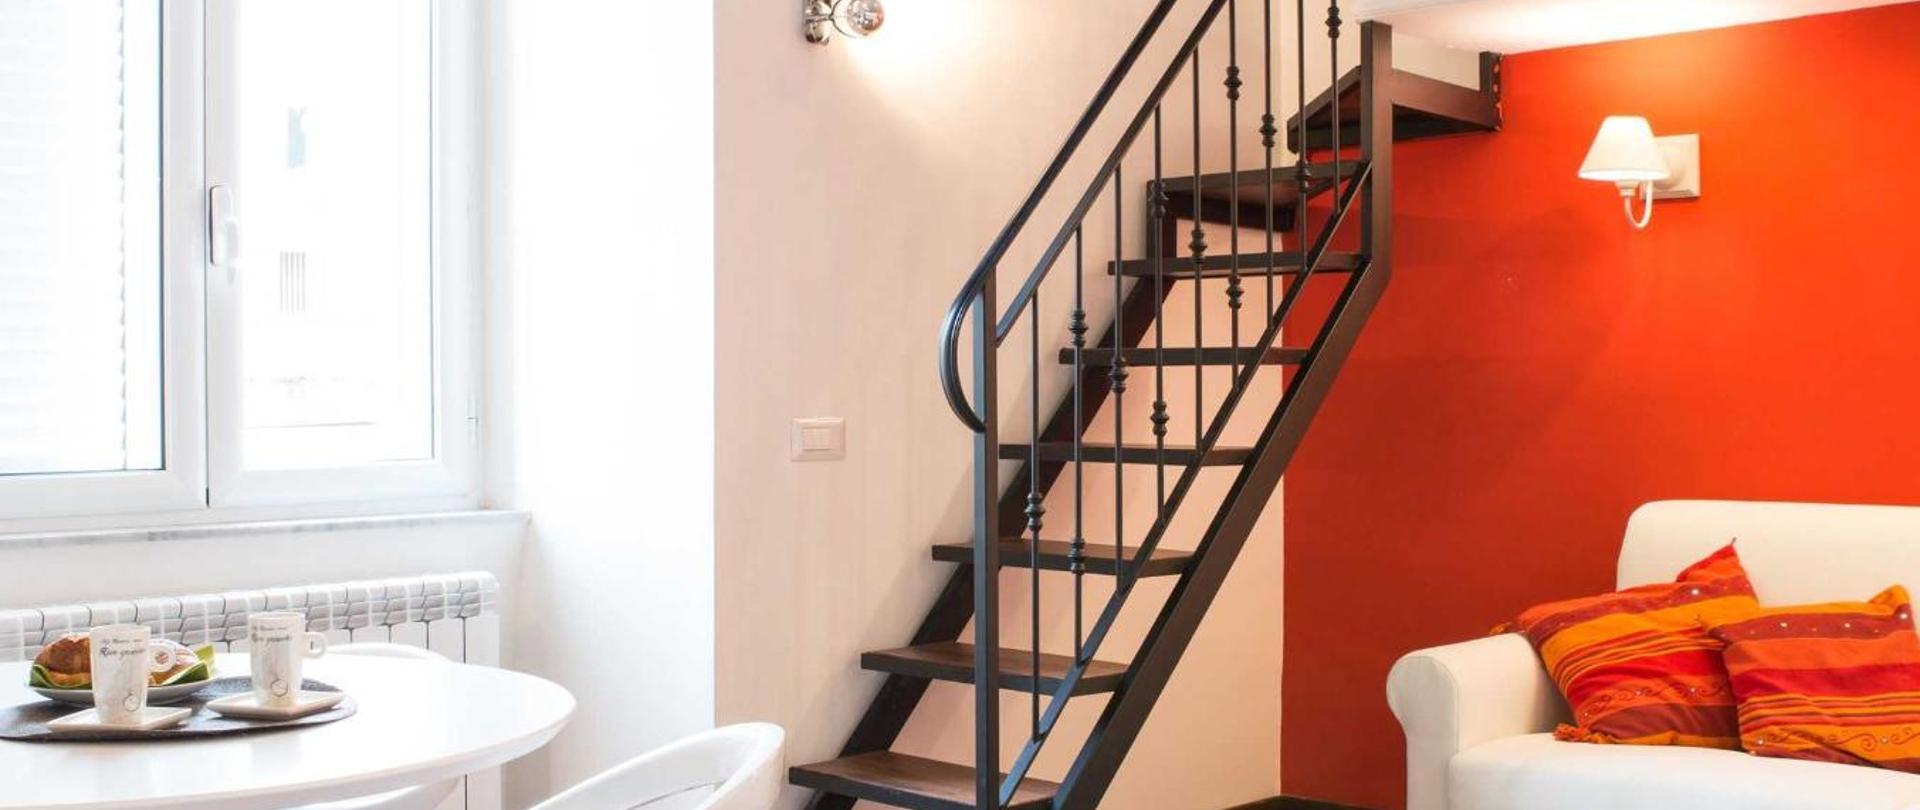 cw5a8809-1.jpg